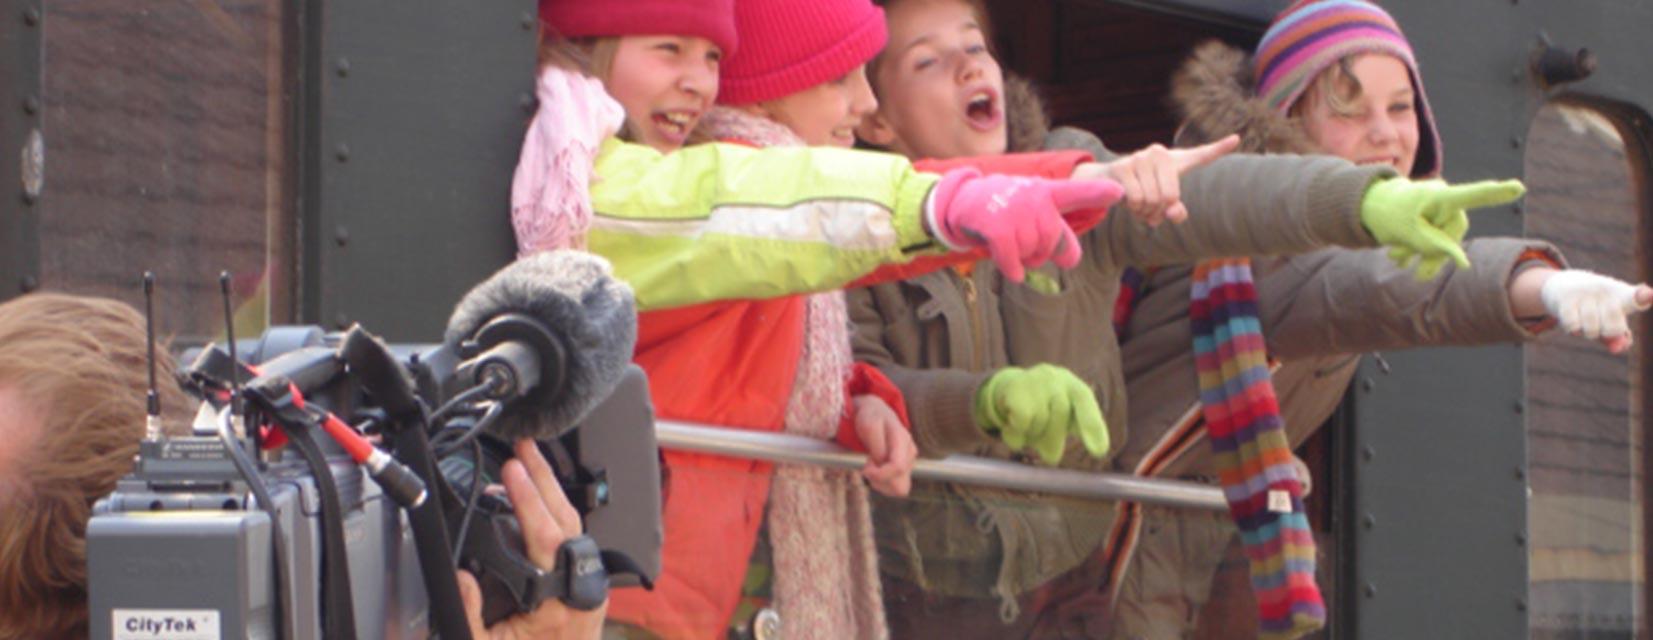 Xapp KinderCasting castingbureau en kindermodellenbureau gespecialiseerd in kinderen voor film, televisie, theater en fotografie producties. Werkgebied Nederland en België